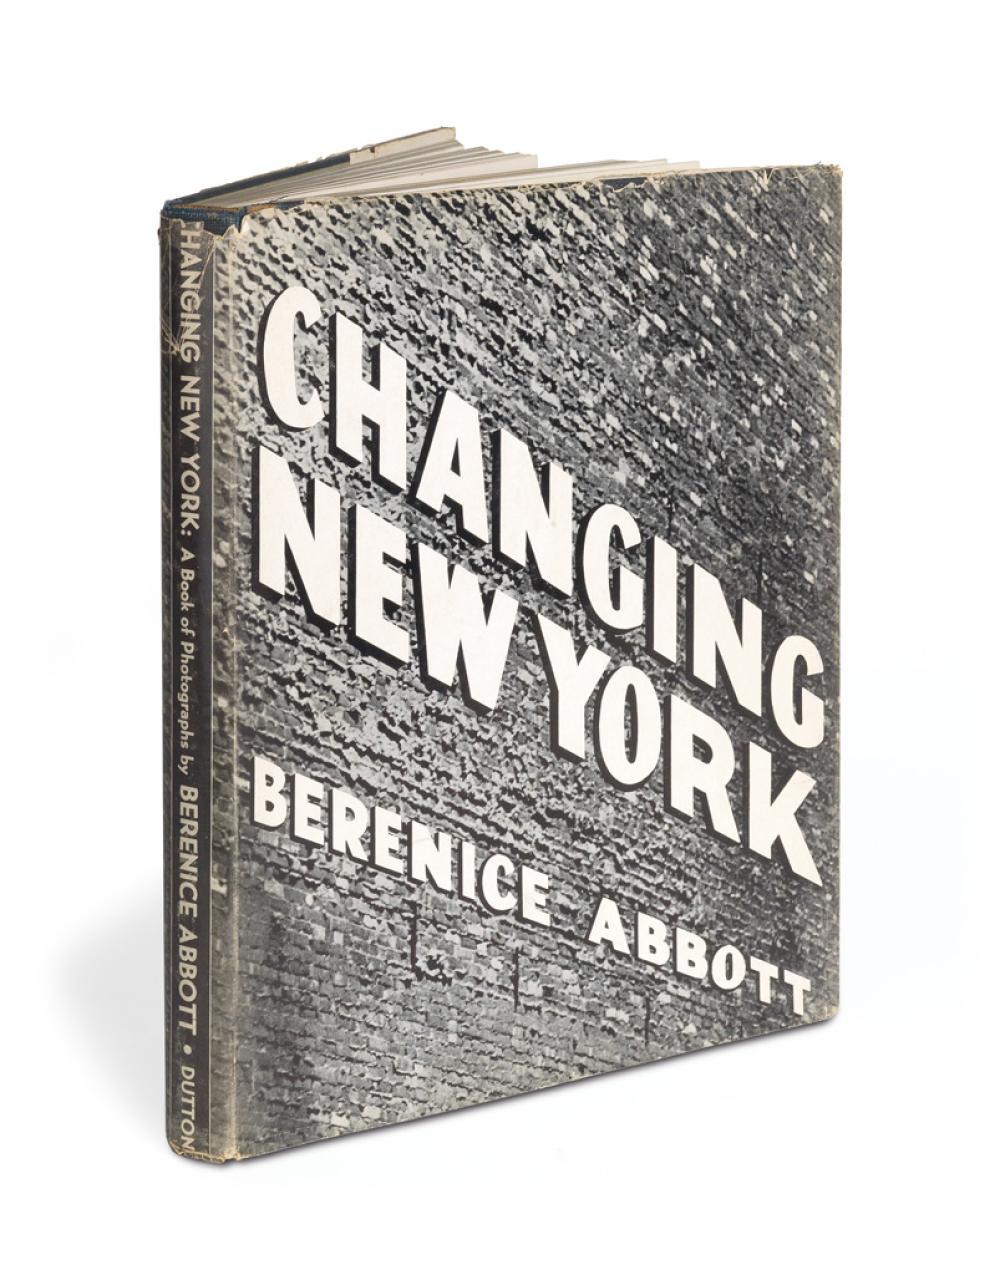 BERENICE ABBOTT. Changing New York.